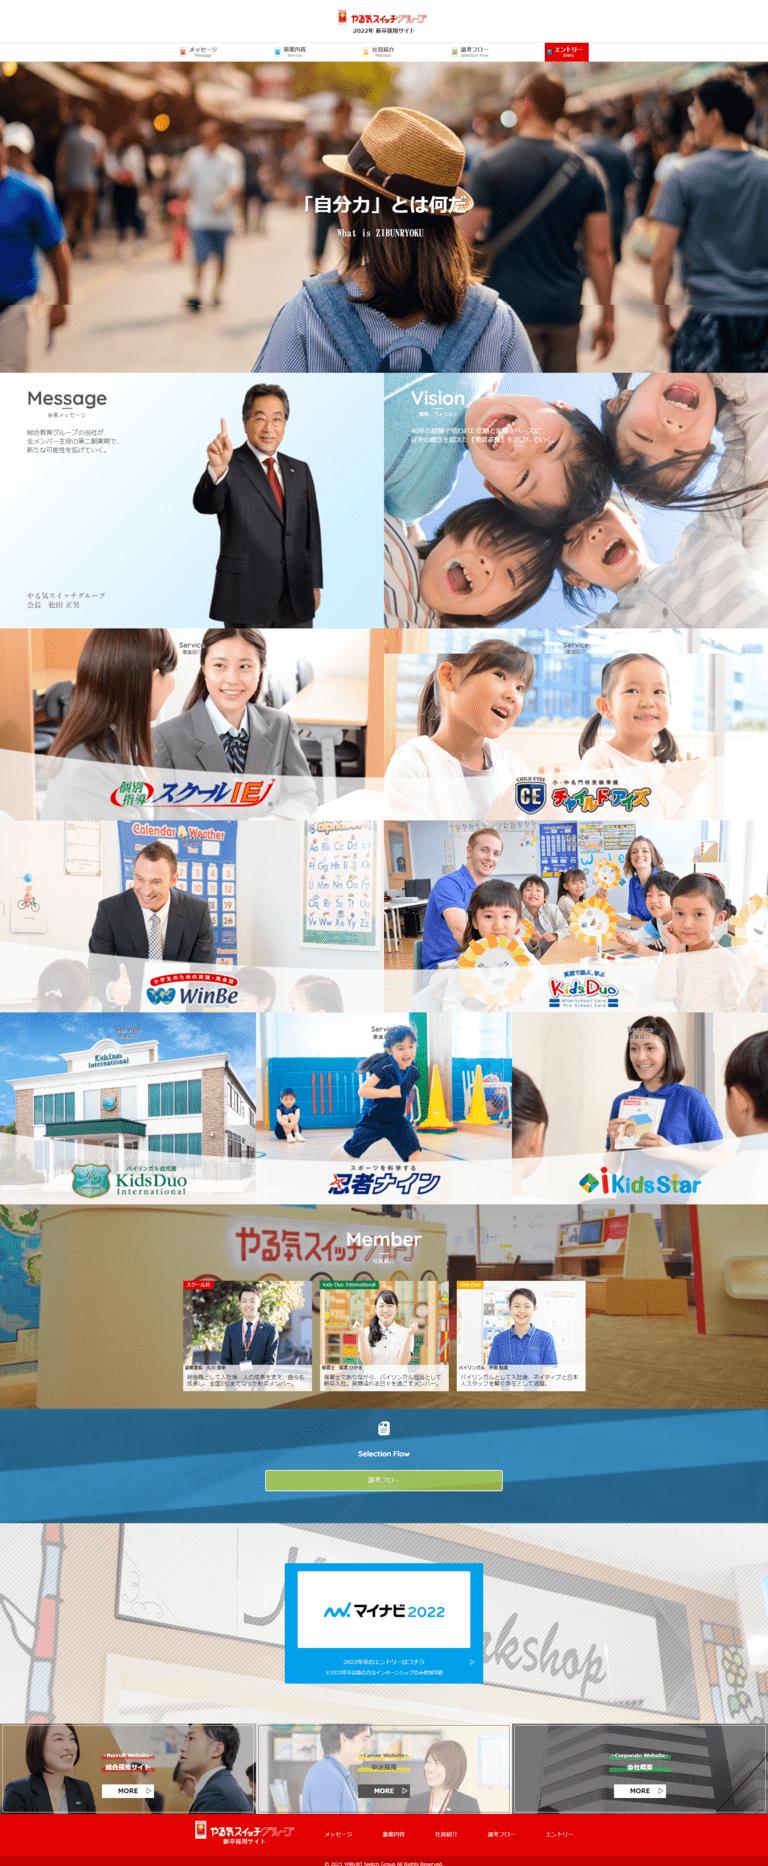 ㈱やる気スイッチグループ(スクールIE)様 新卒採用サイト